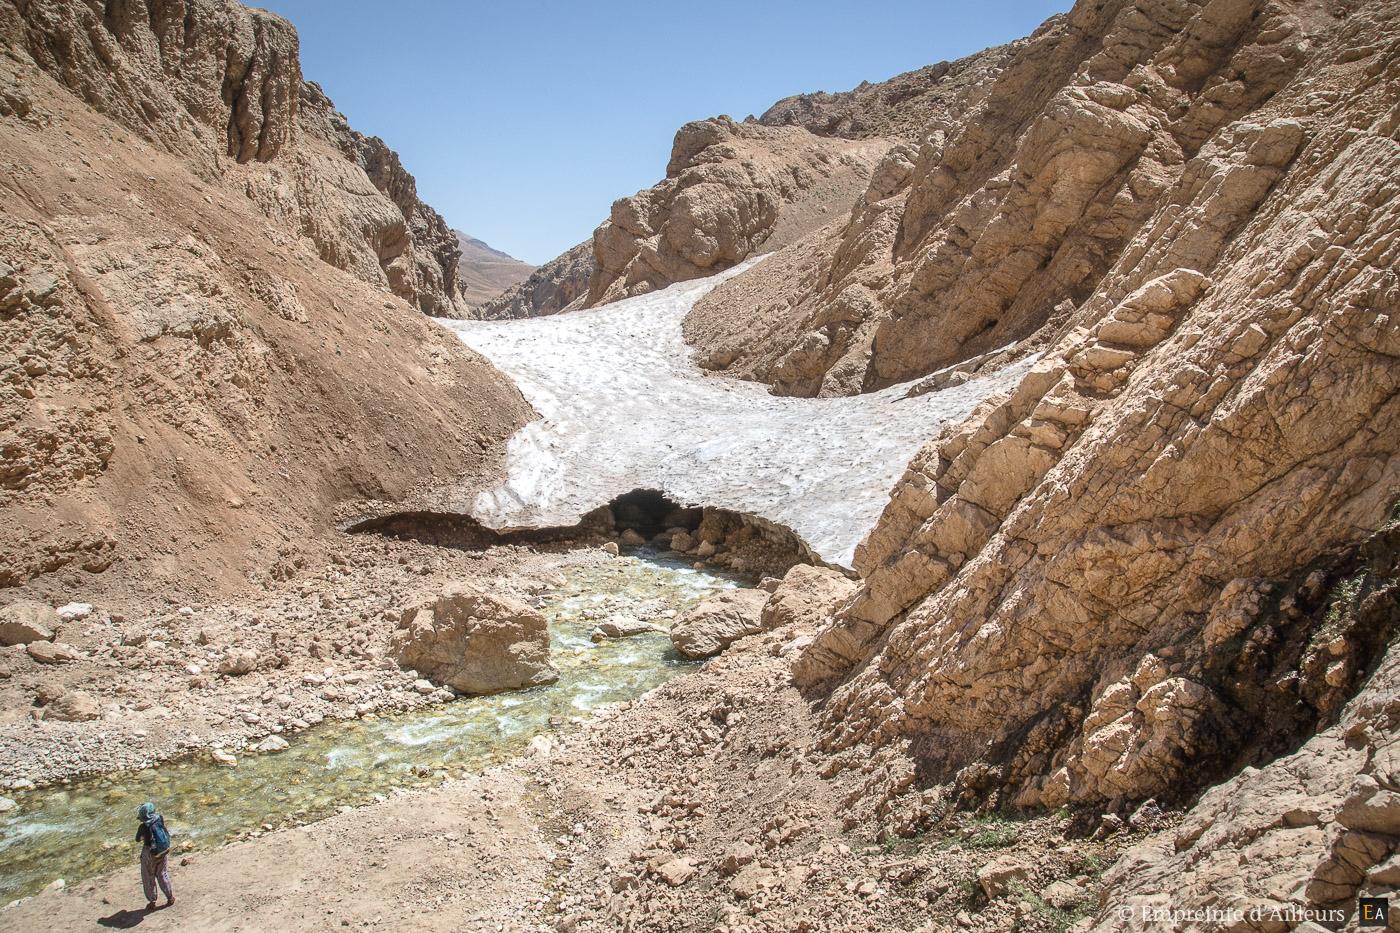 La grotte de glace de Chama